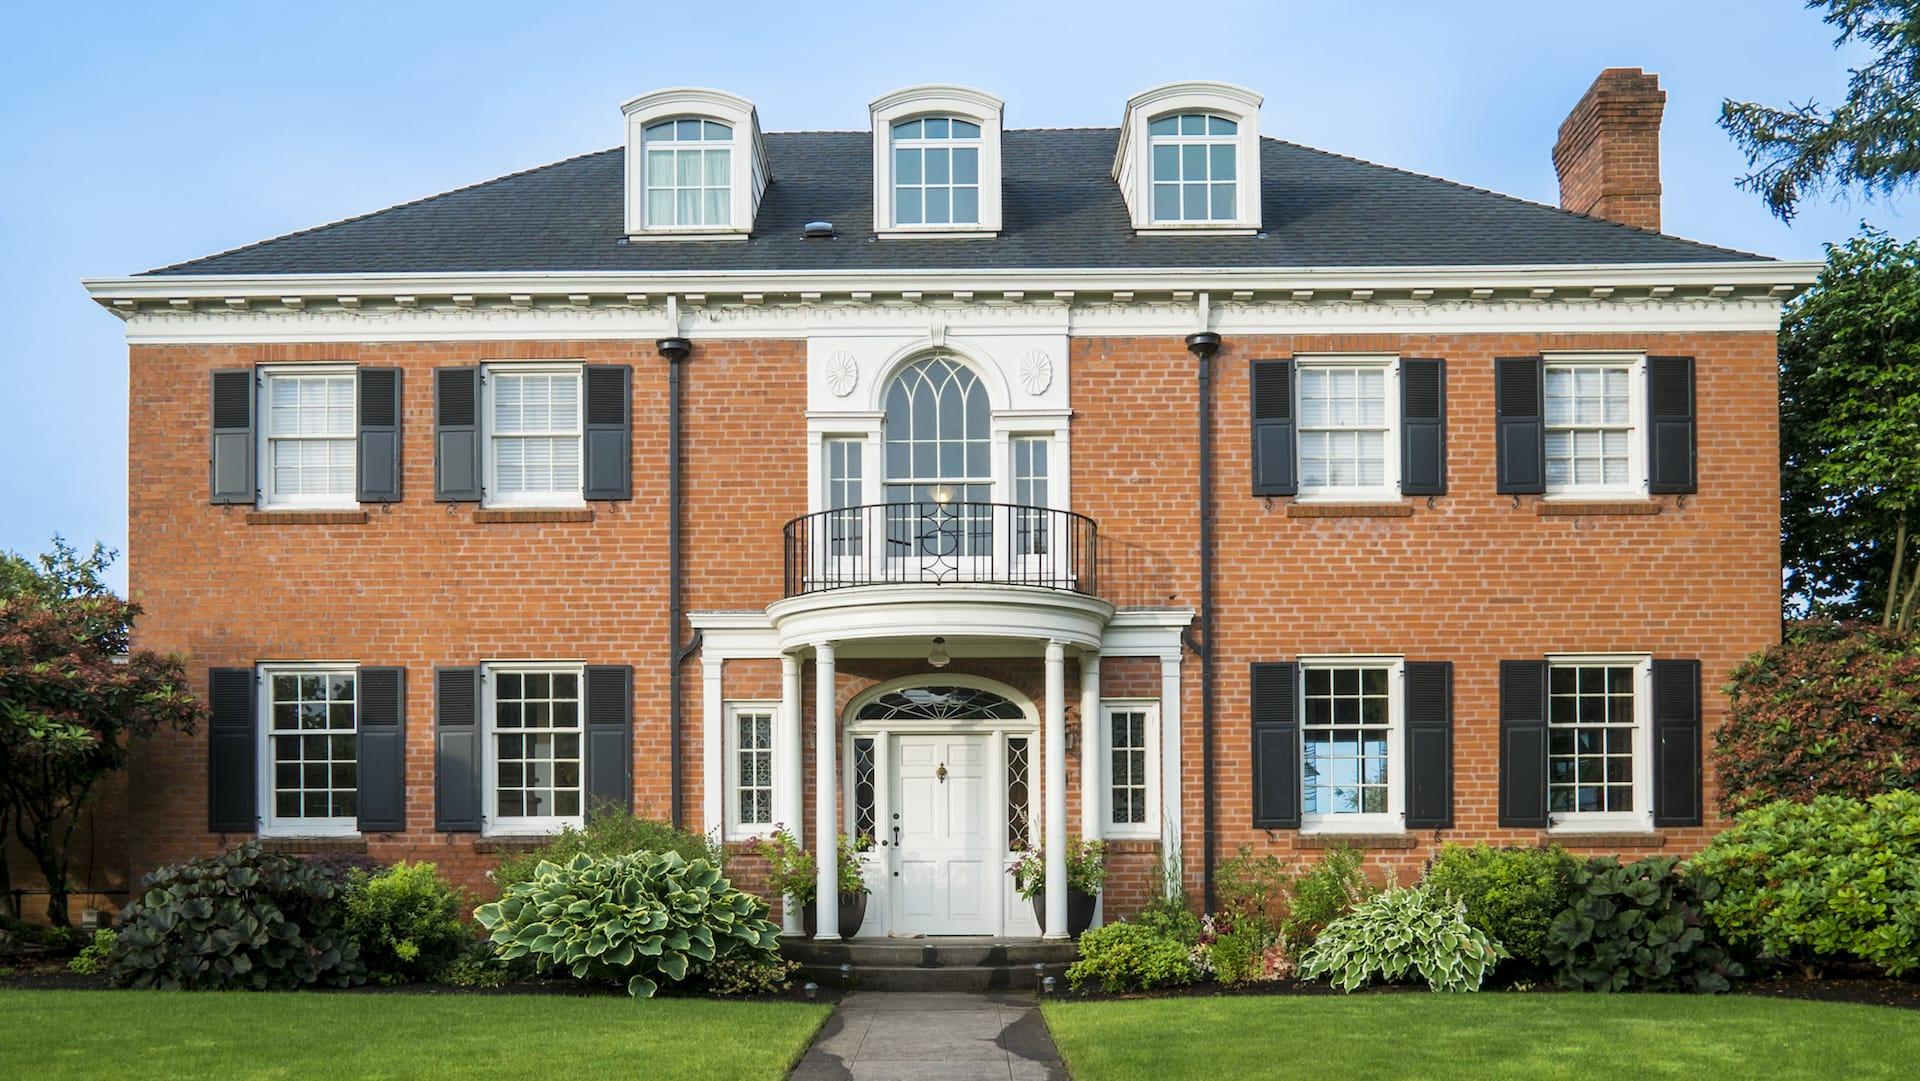 White oaks homes for sale edina mn josh sprague for White house for sale